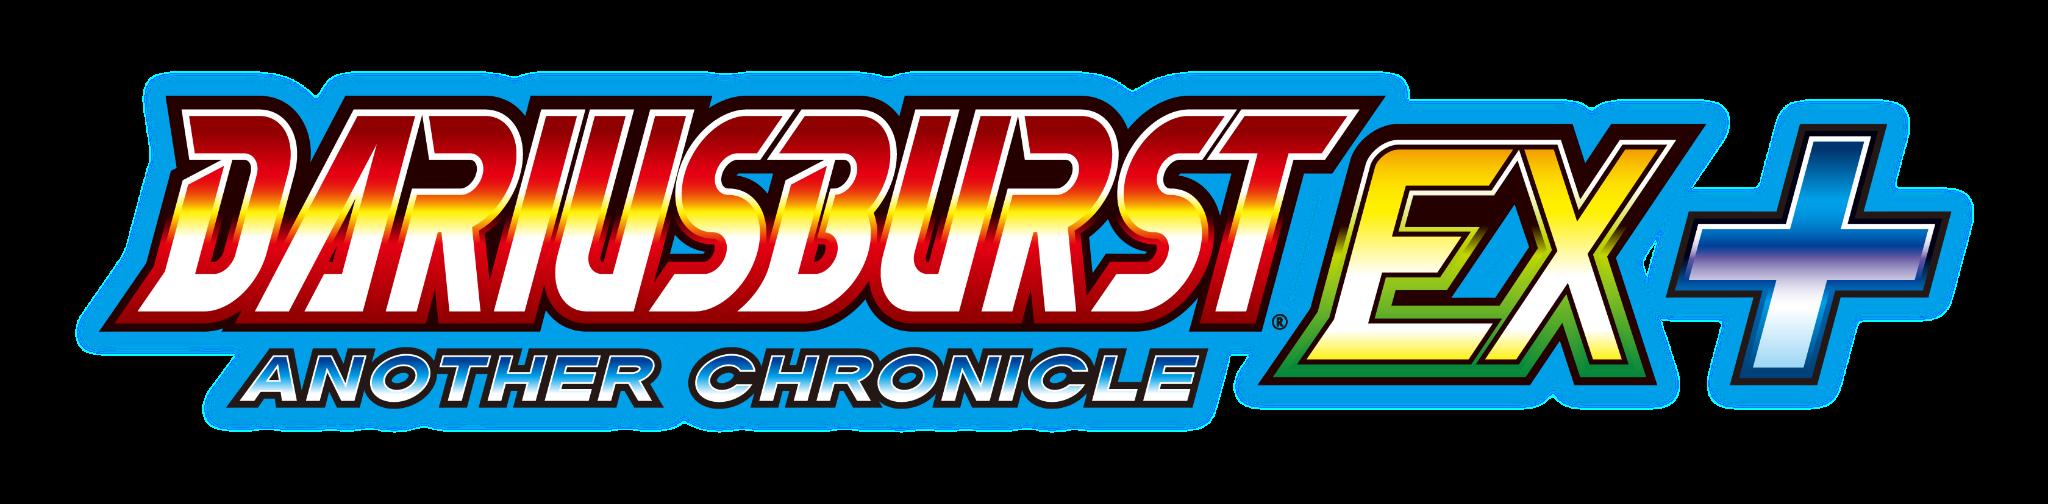 DariusBurst: Another Chronicle EX + uscirà a giugno per PS4 e Switch